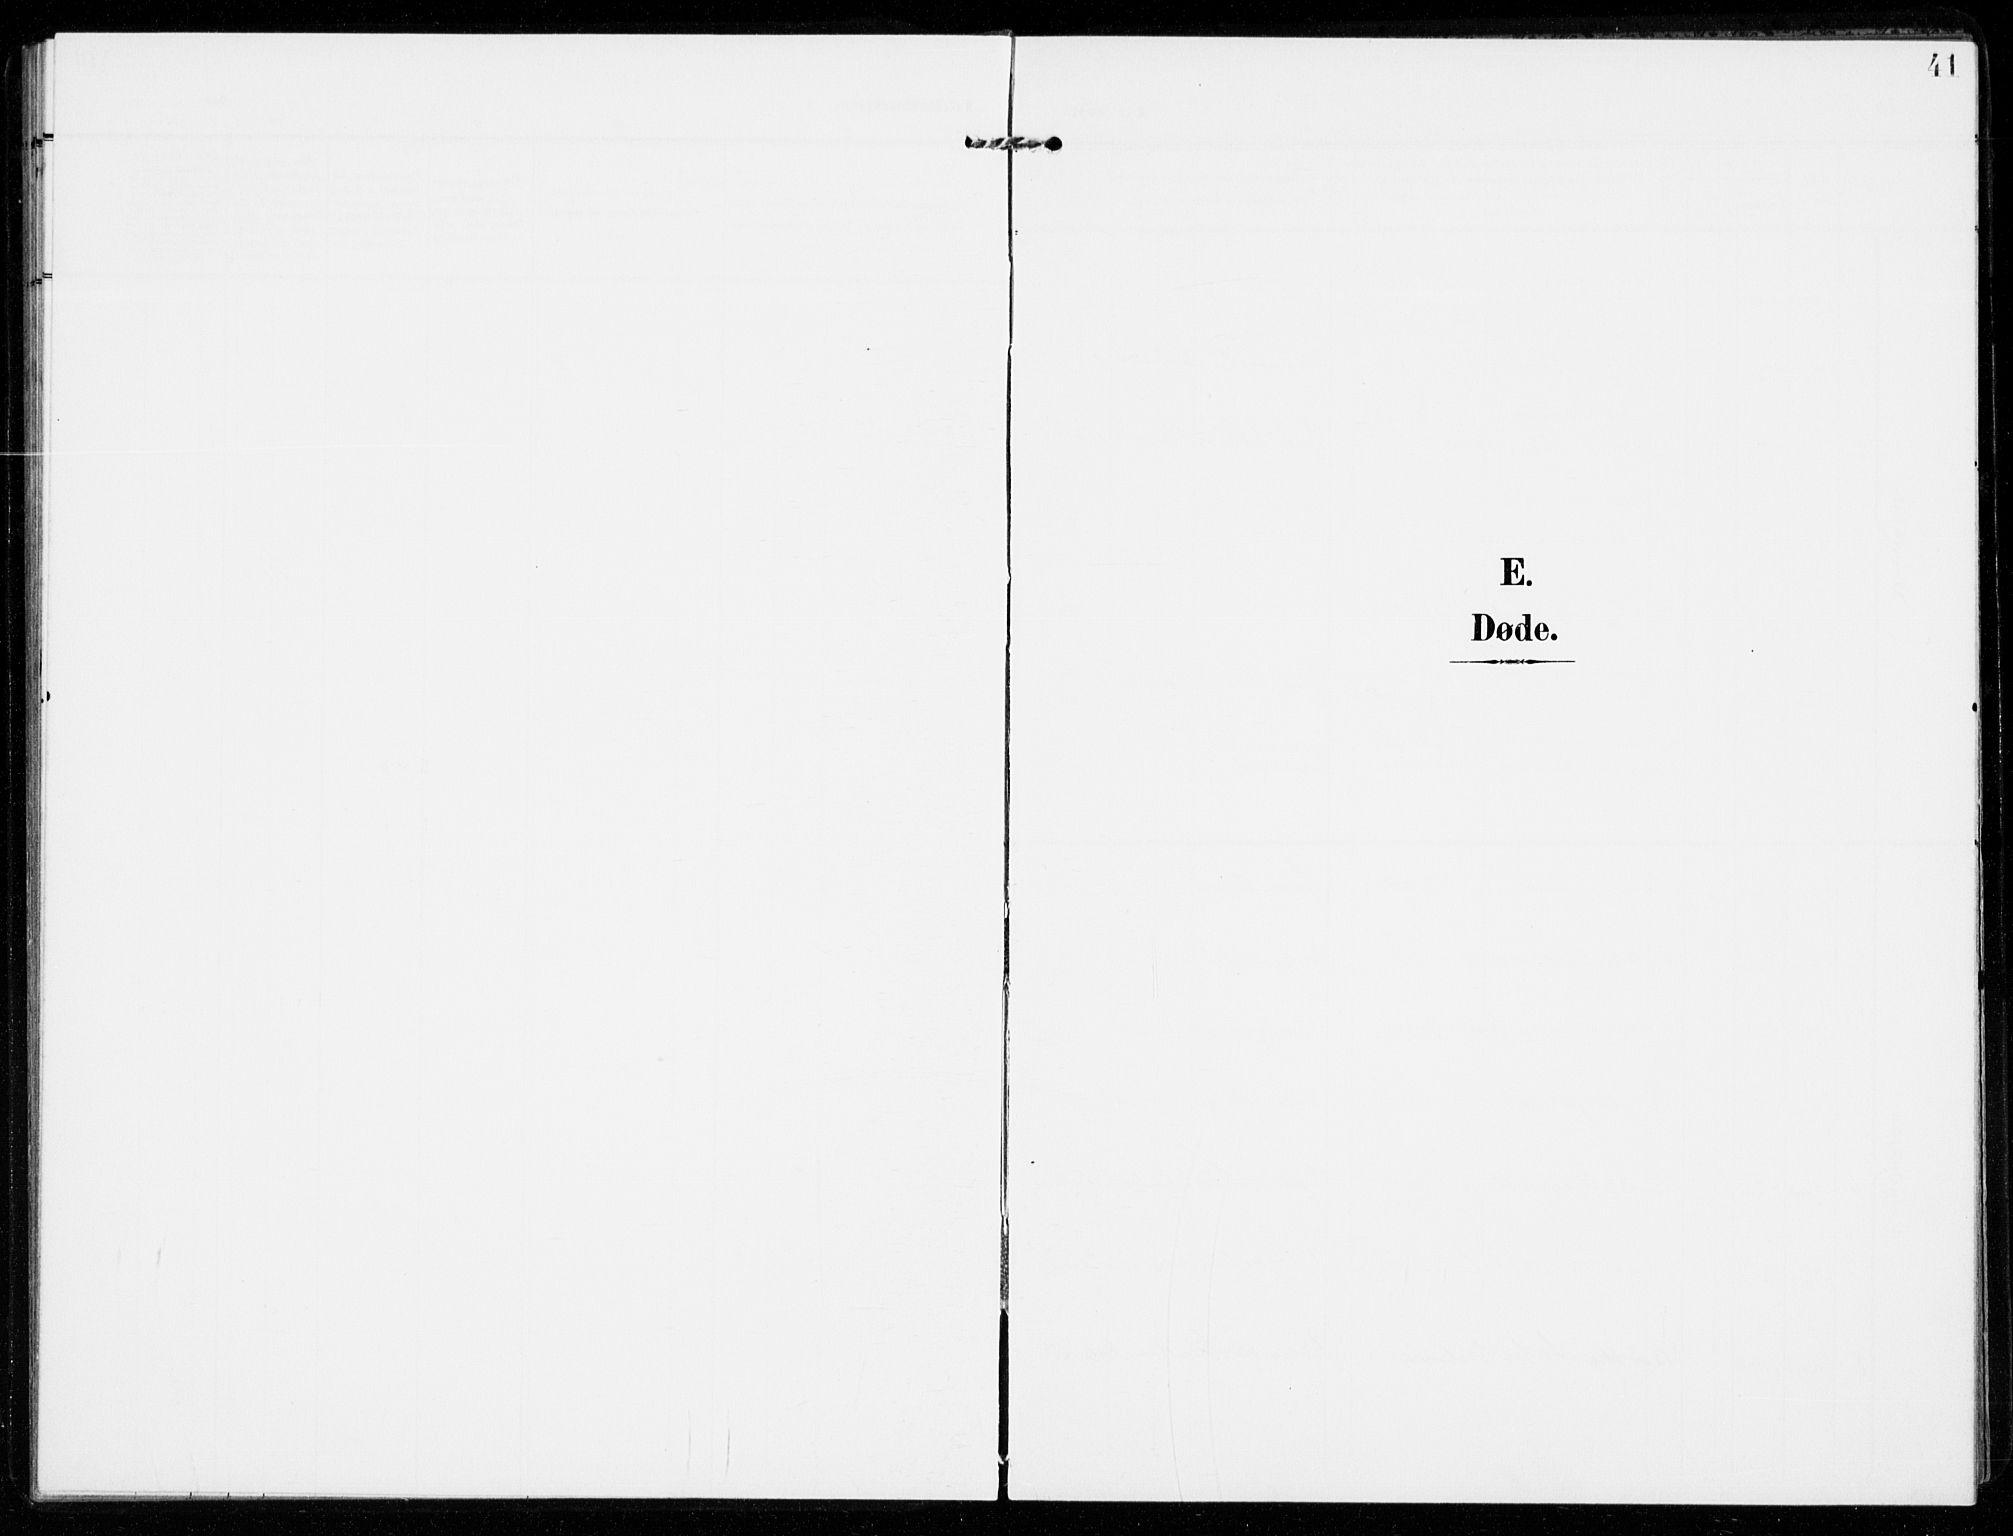 SAKO, Sandar kirkebøker, F/Fa/L0019: Ministerialbok nr. 19, 1908-1914, s. 41